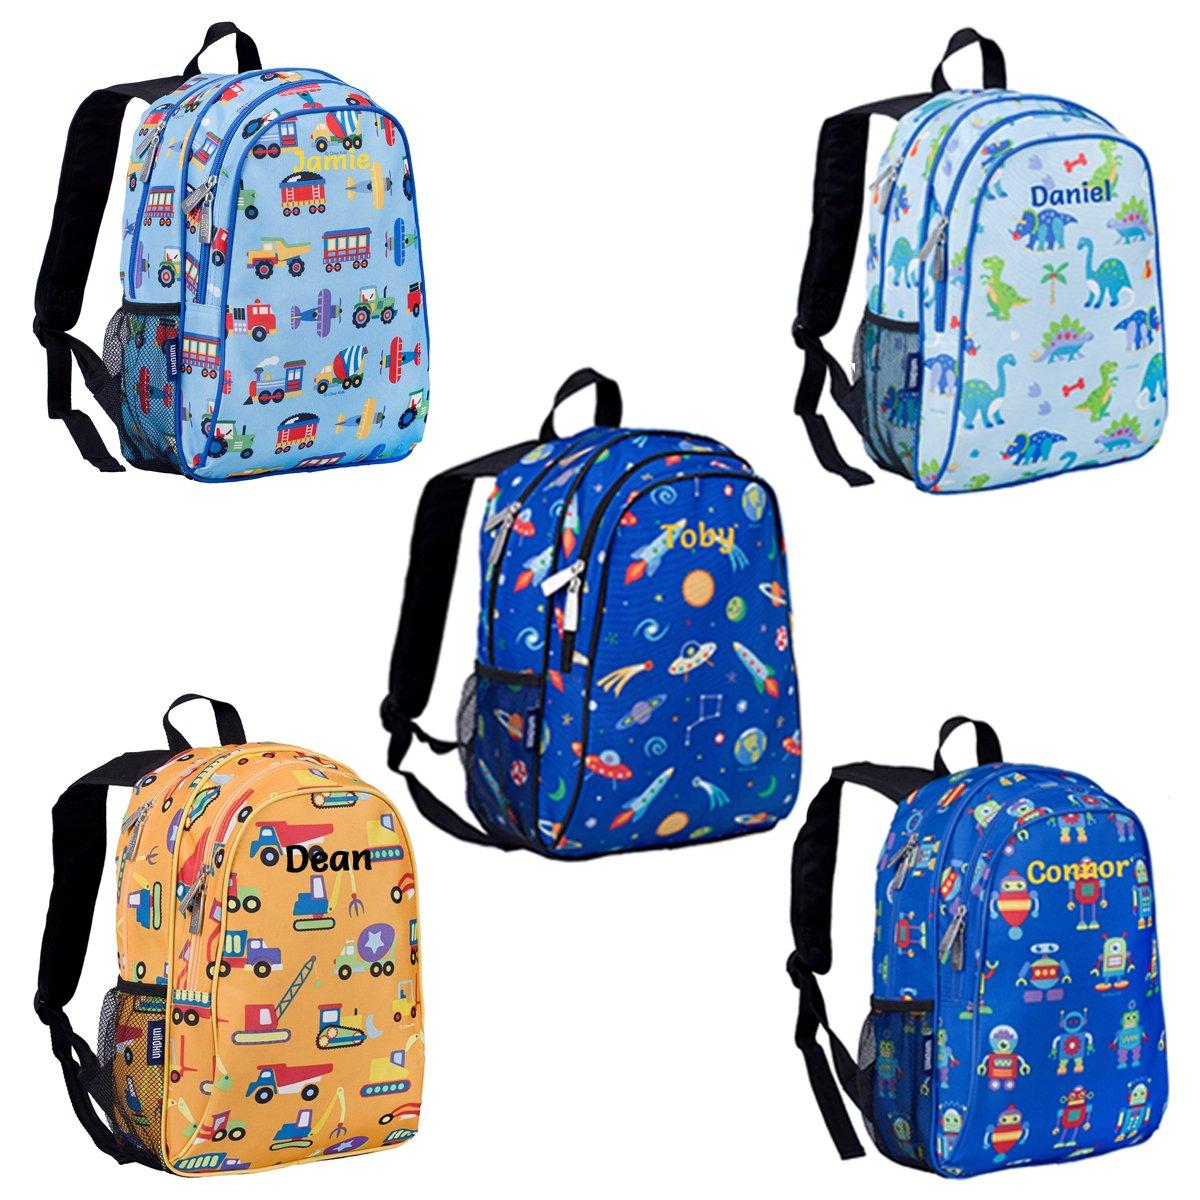 Personalised Kids School Backpacks  a5e06e334e582